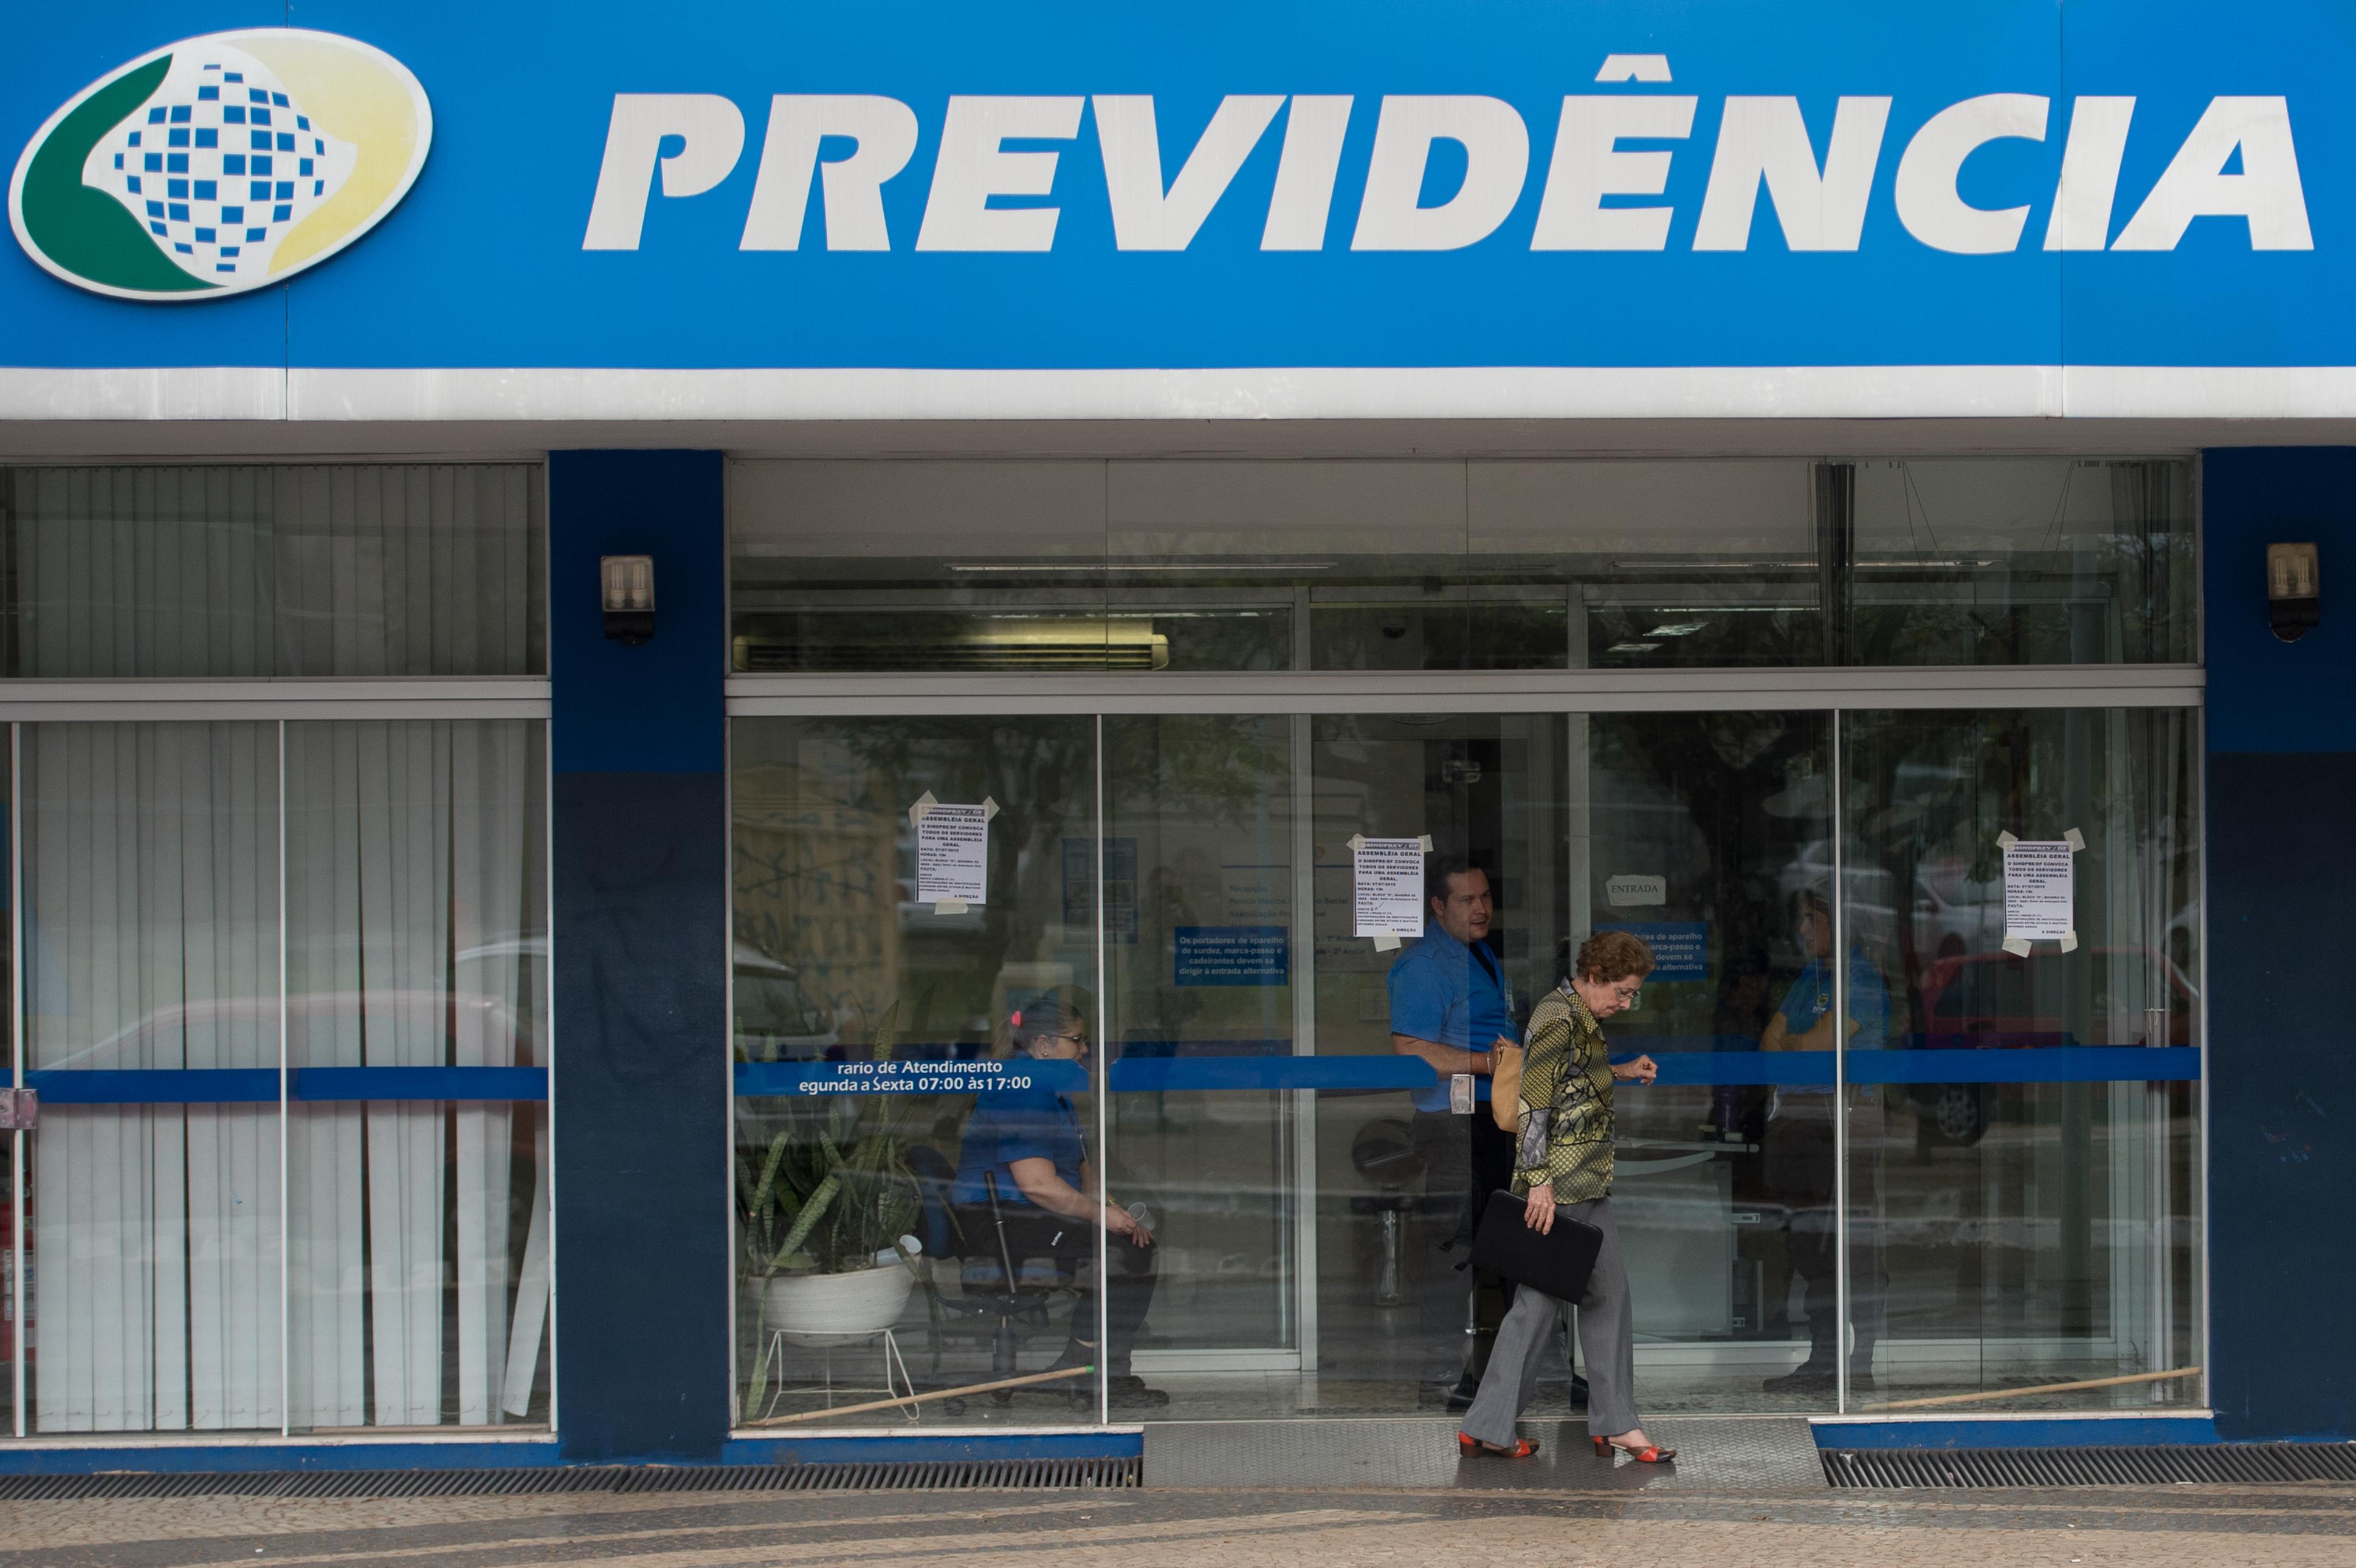 Proposta que muda o sistema previdenciário será levada hoje ao Congresso pelo presidente Jair Bolsonaro. Foto: Arquivo/Agência Brasil